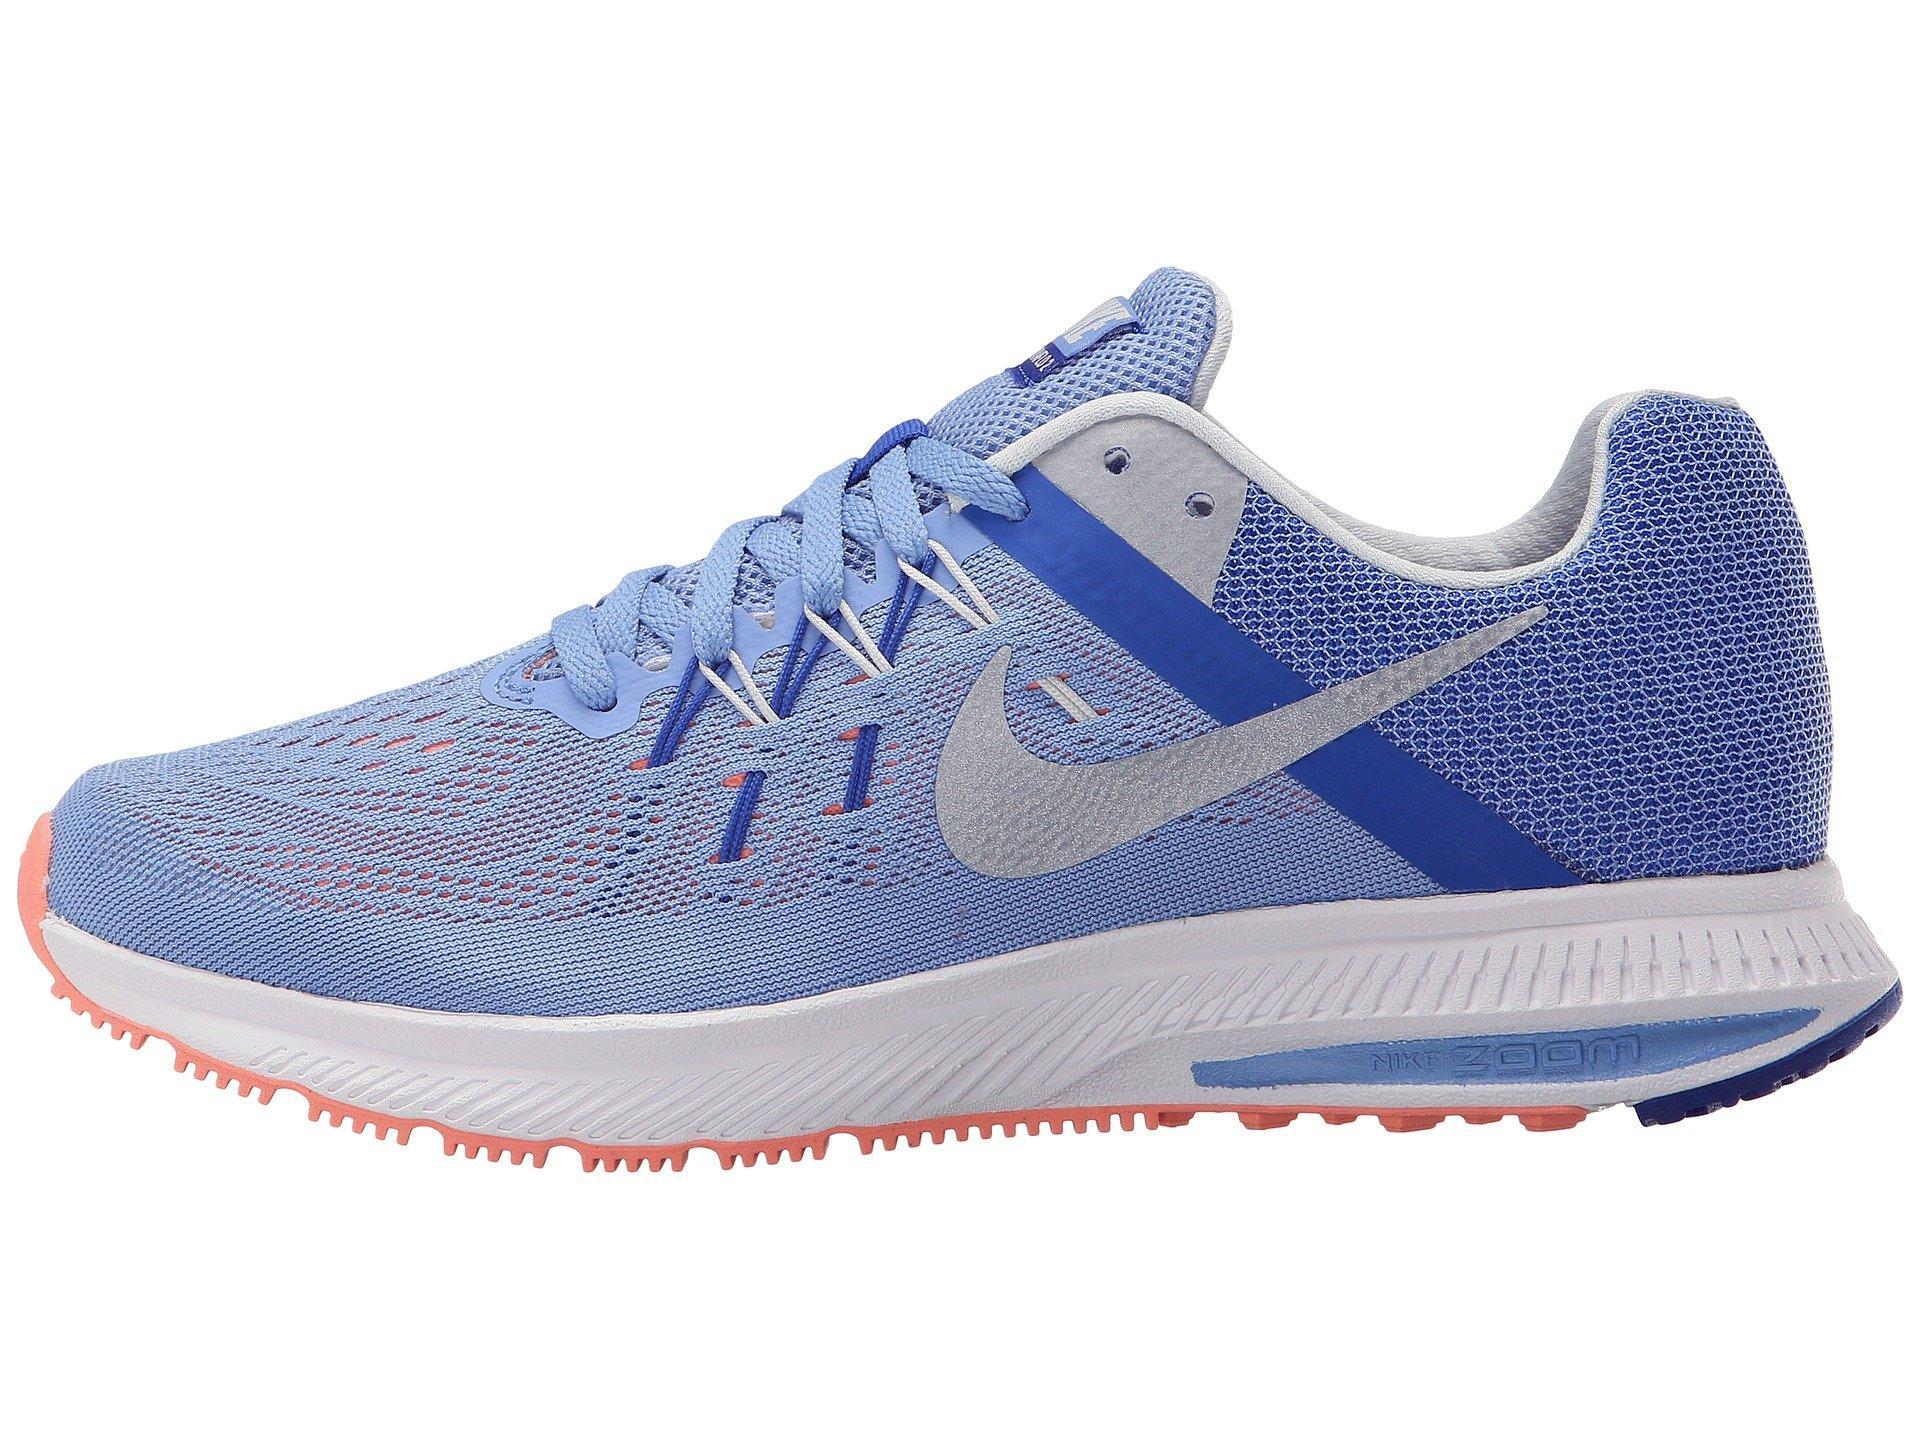 Atomic Pink Nike Air Zoom Winflo 2 Nike , Chalk Blue/racer Blue/atomic Pink/metallic Platinum | ModeSens